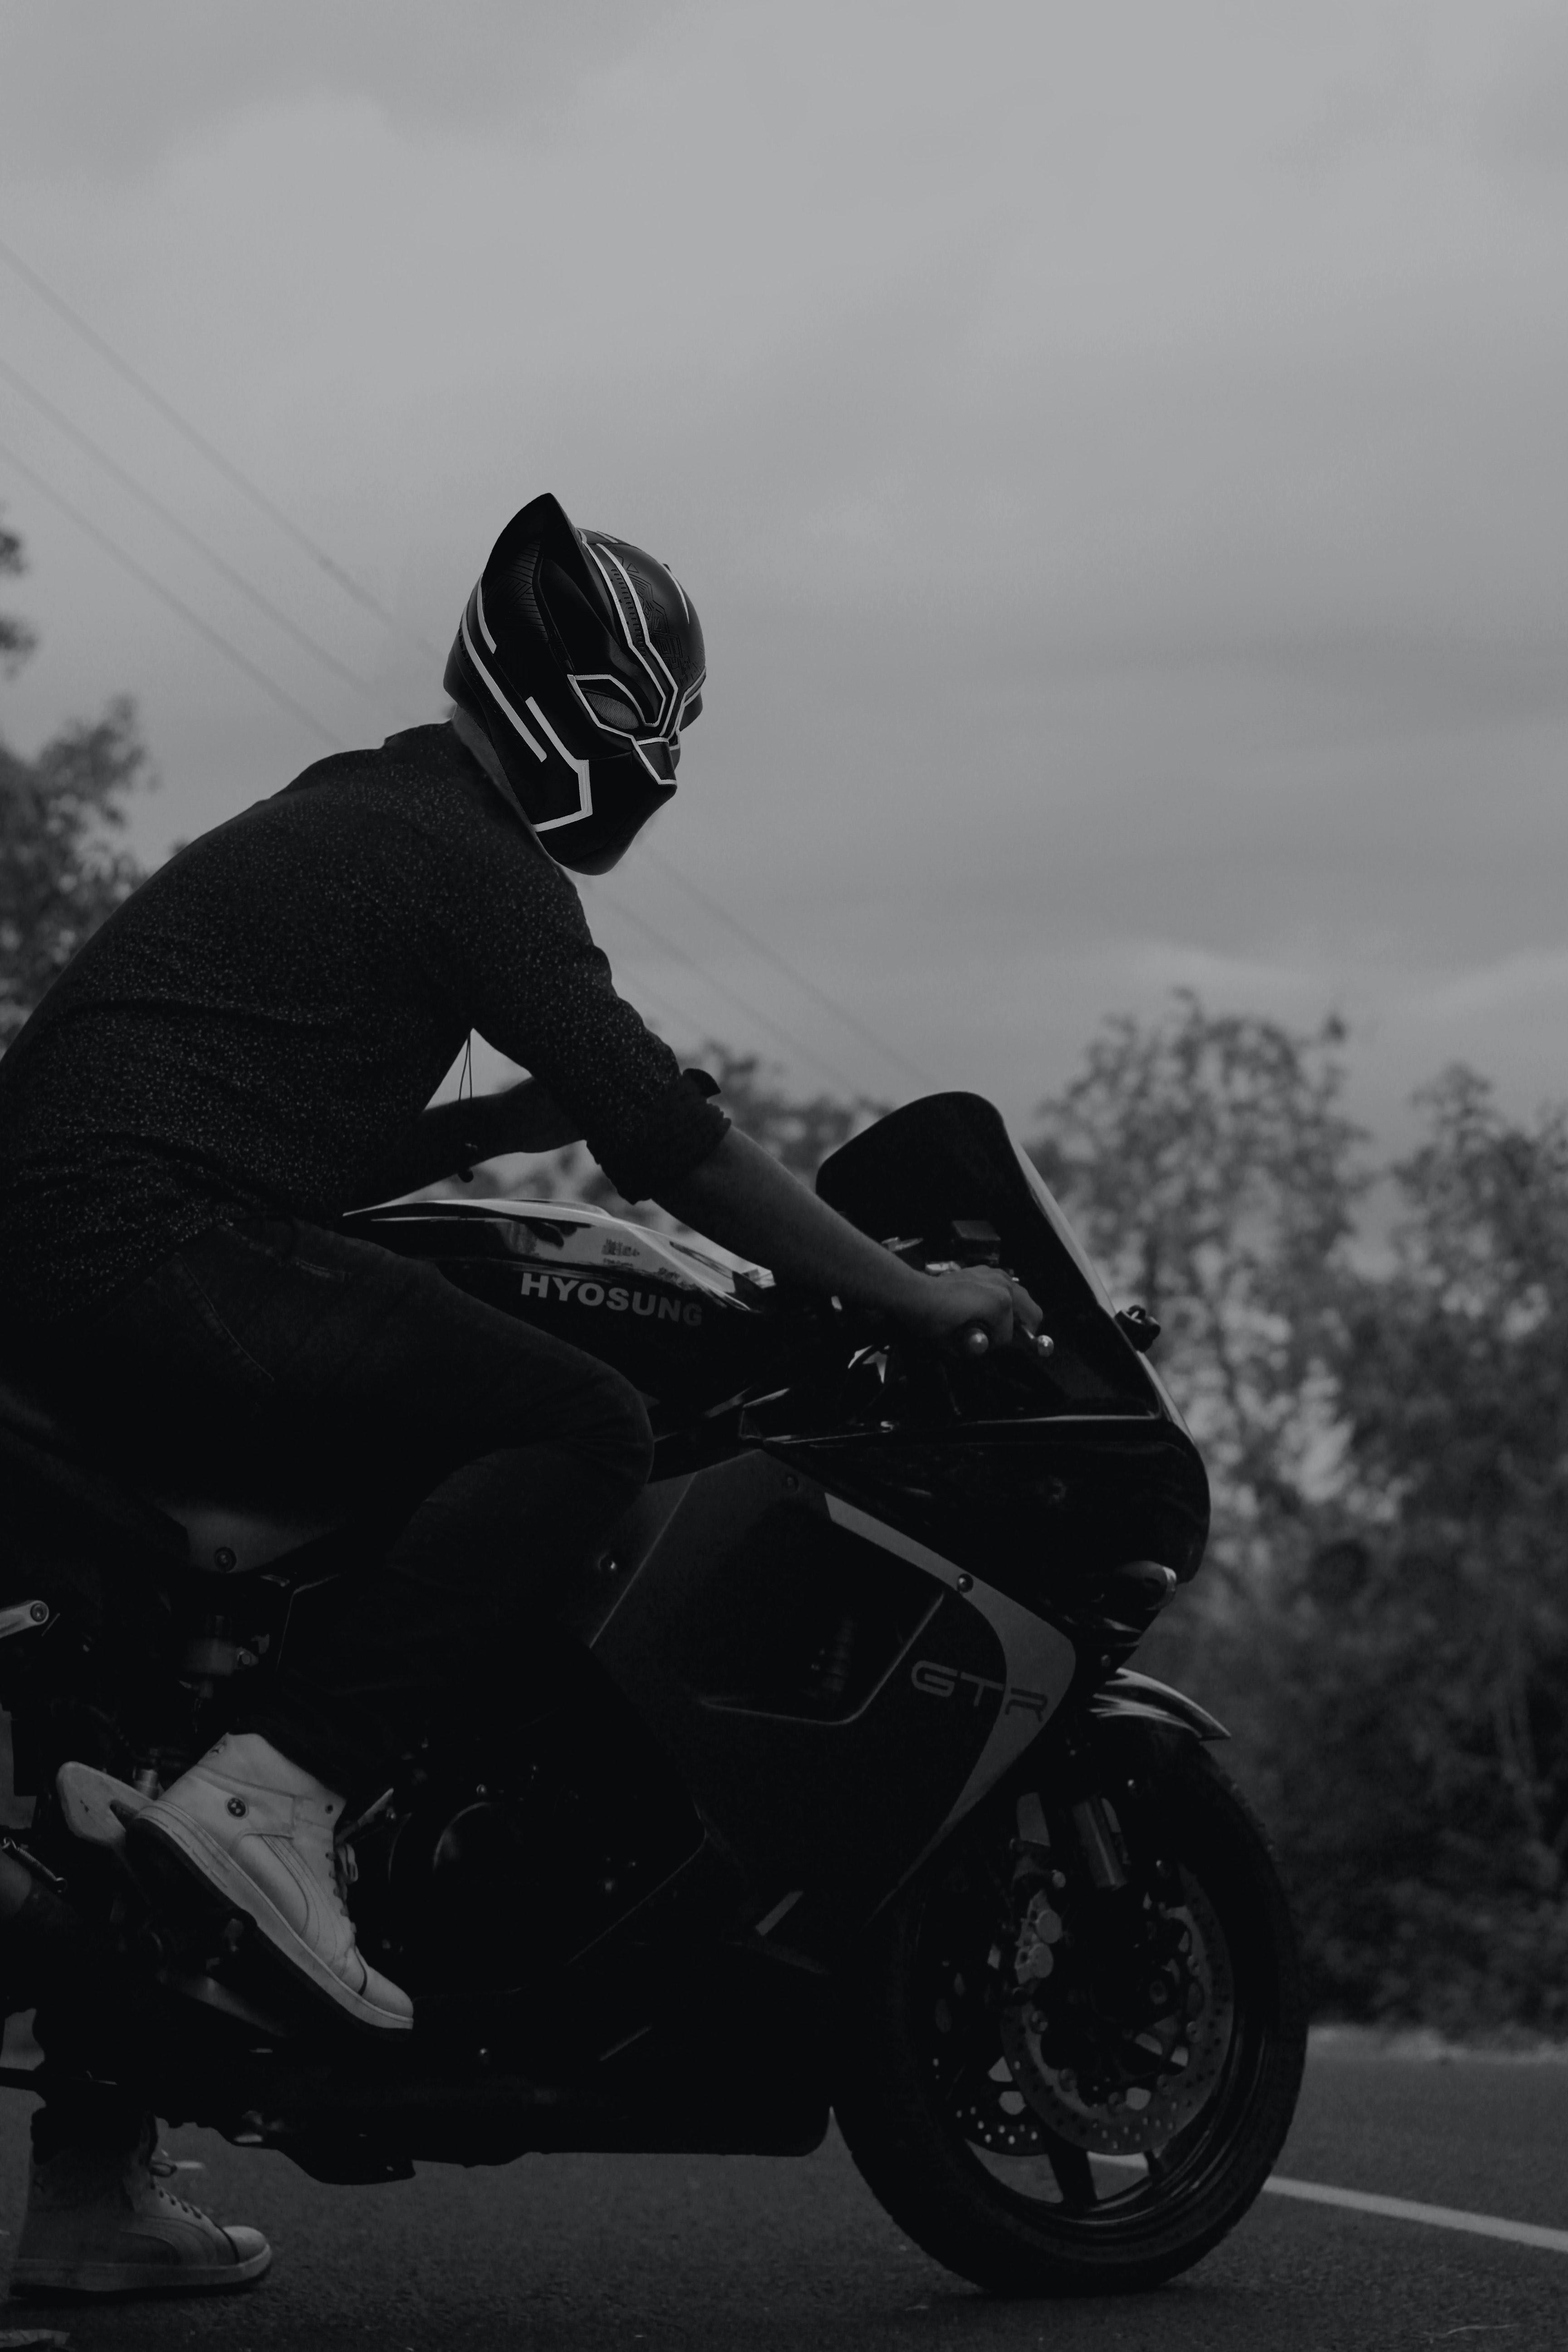 Free Stock Photo Of Bike Rider Black Panther Motorbikes